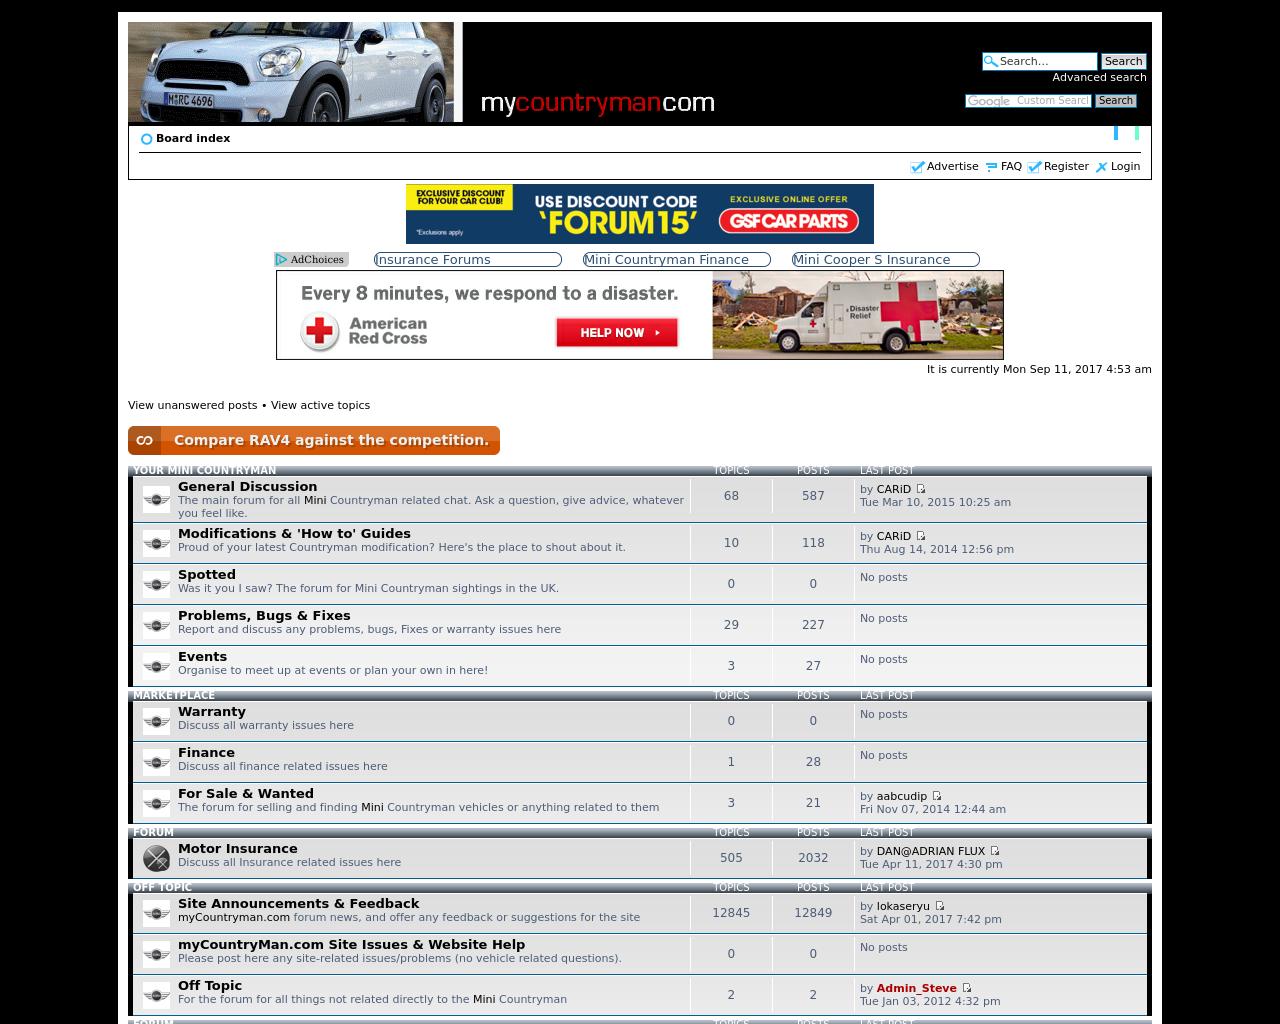 MyCountryman.com-Advertising-Reviews-Pricing